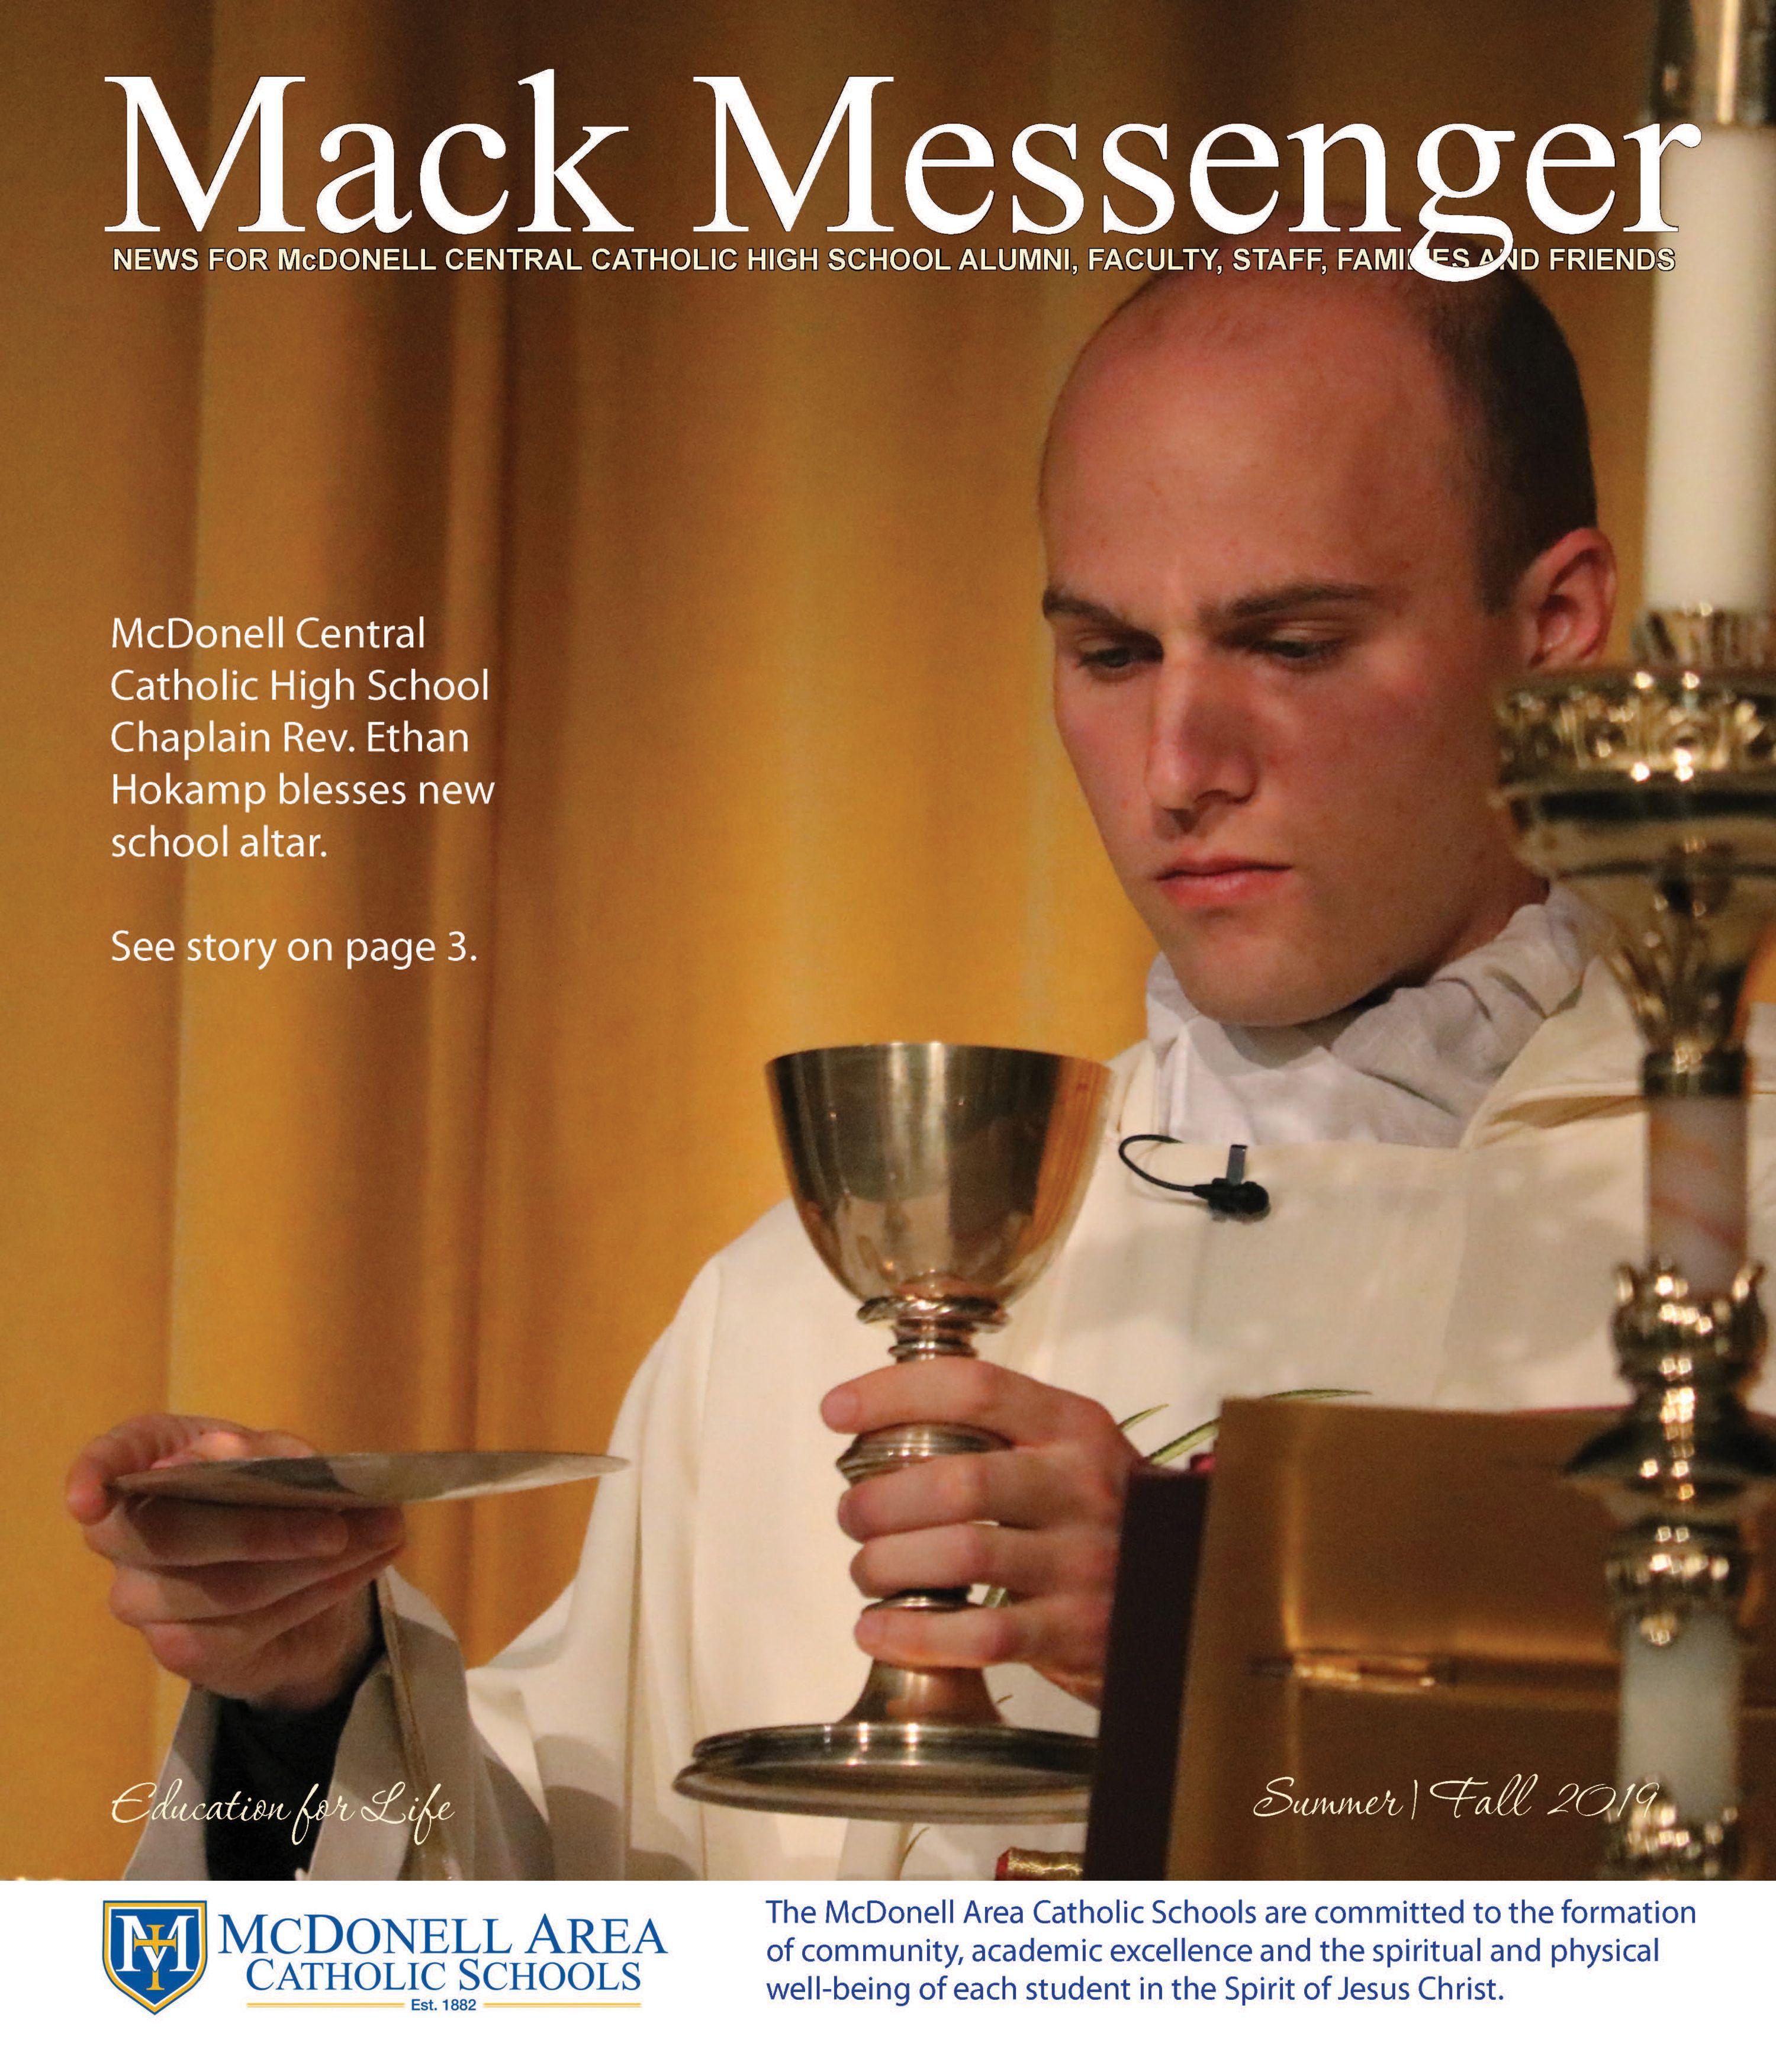 MMSU19 issue